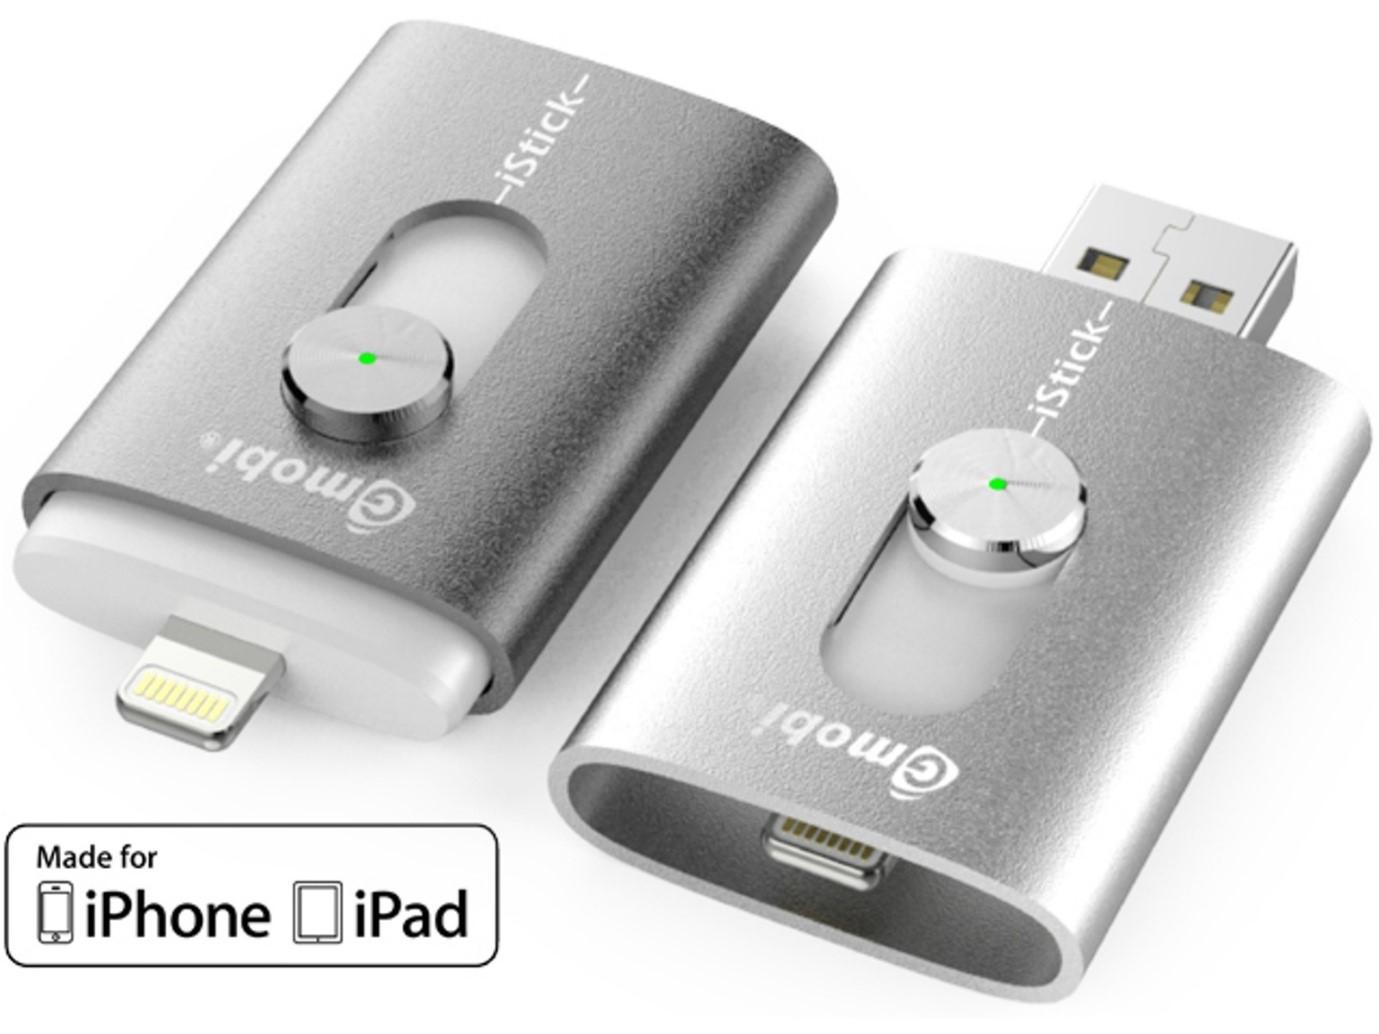 Cùng ngắm nhìn iStick - chiếc USB sử dụng cho các thiết bị iOS (iPad, iPhone) - 1